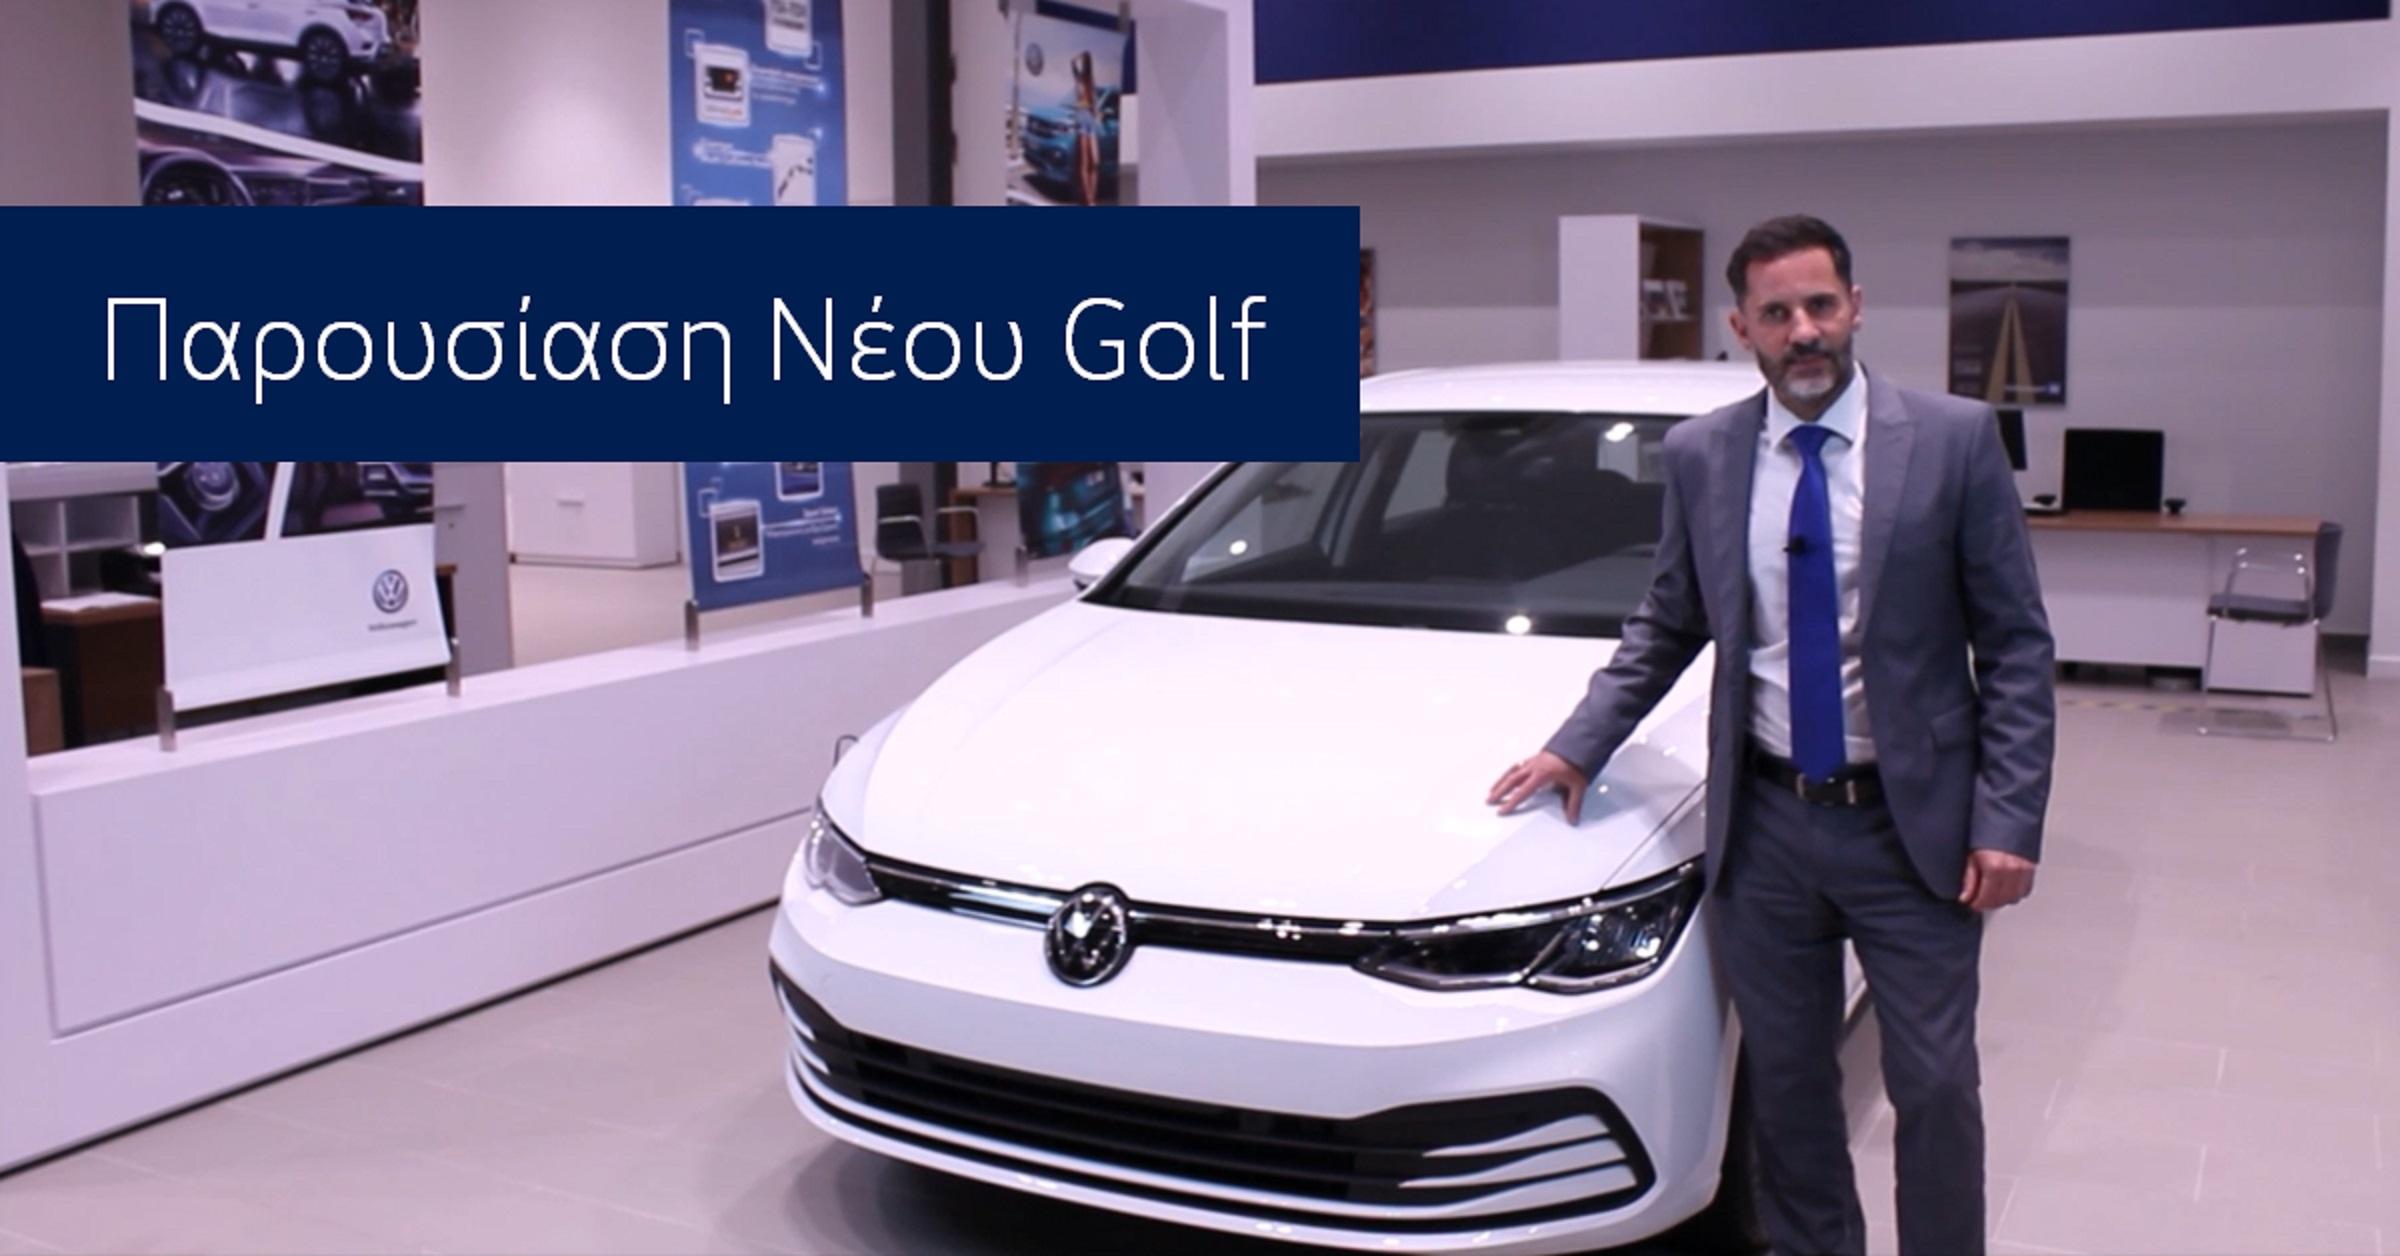 Παρουσίαση Νέου Golf από την Αφοι Φιλοσίδη